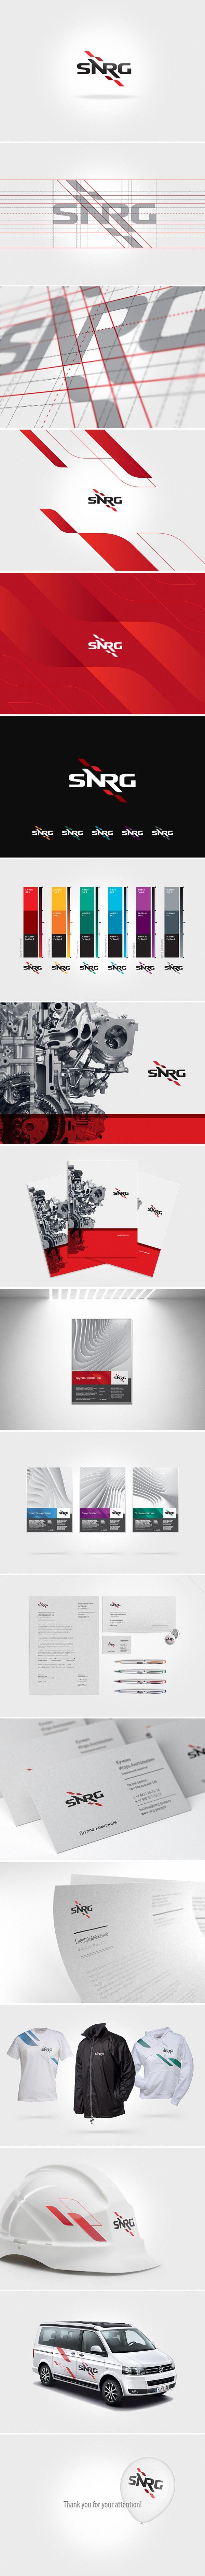 Identity / SNRG by Denis Ulyanov, via Behance #logodesign #logo #logotype #design #branding…